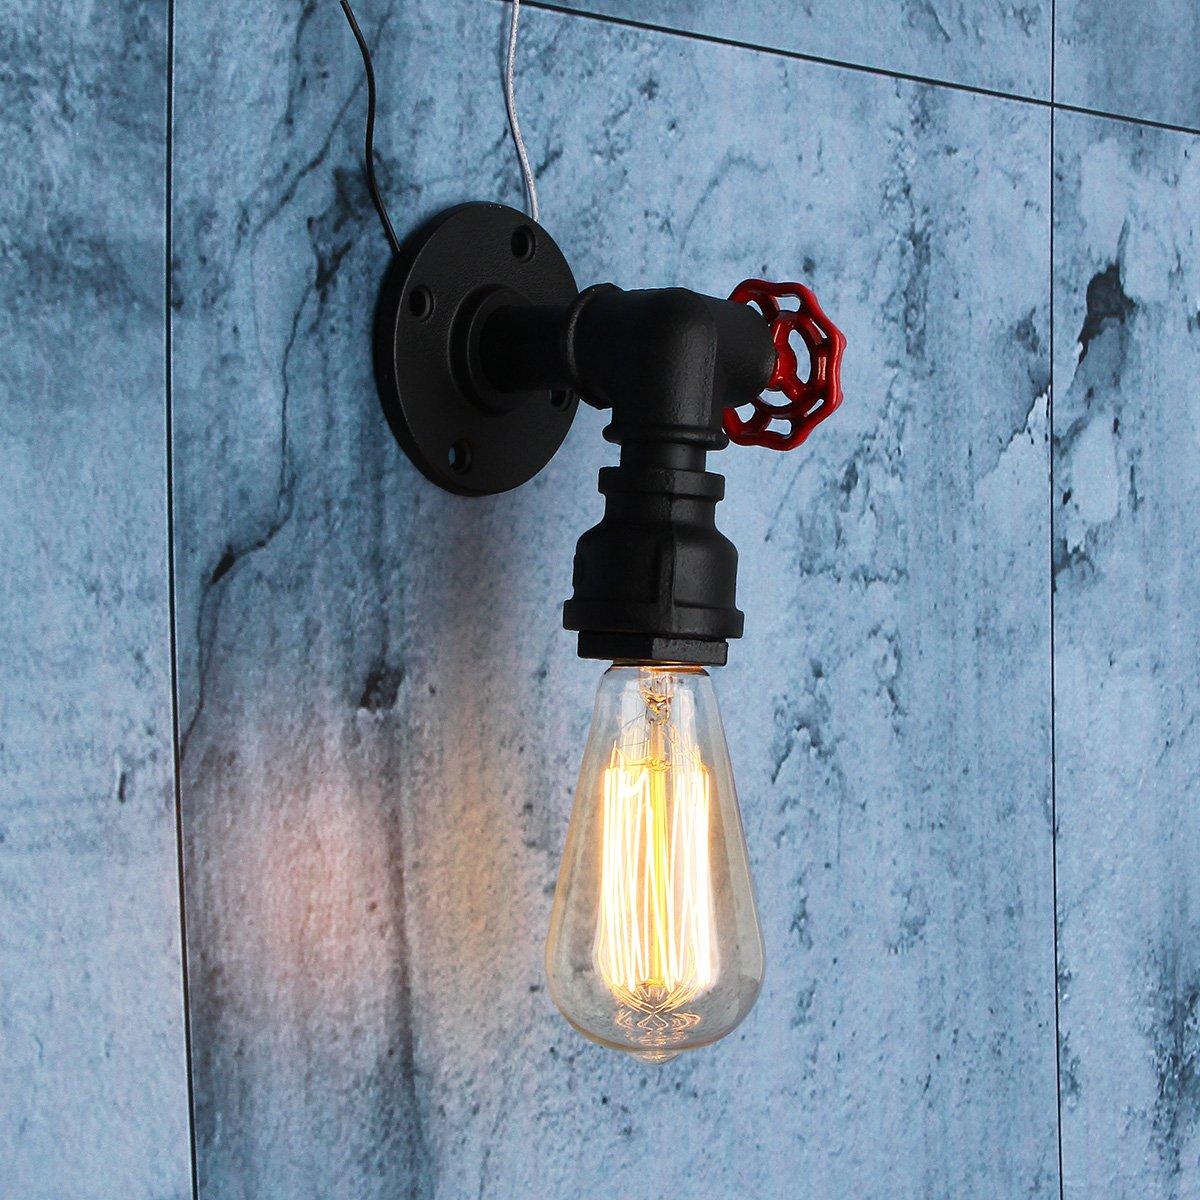 Jeteven Lámpara de Pared de Tubo de Vintage Lámpara Retro Industrial Sin Bombilla Decoracion de Café Hotel Habitacion JETEVENDEHOCORA659